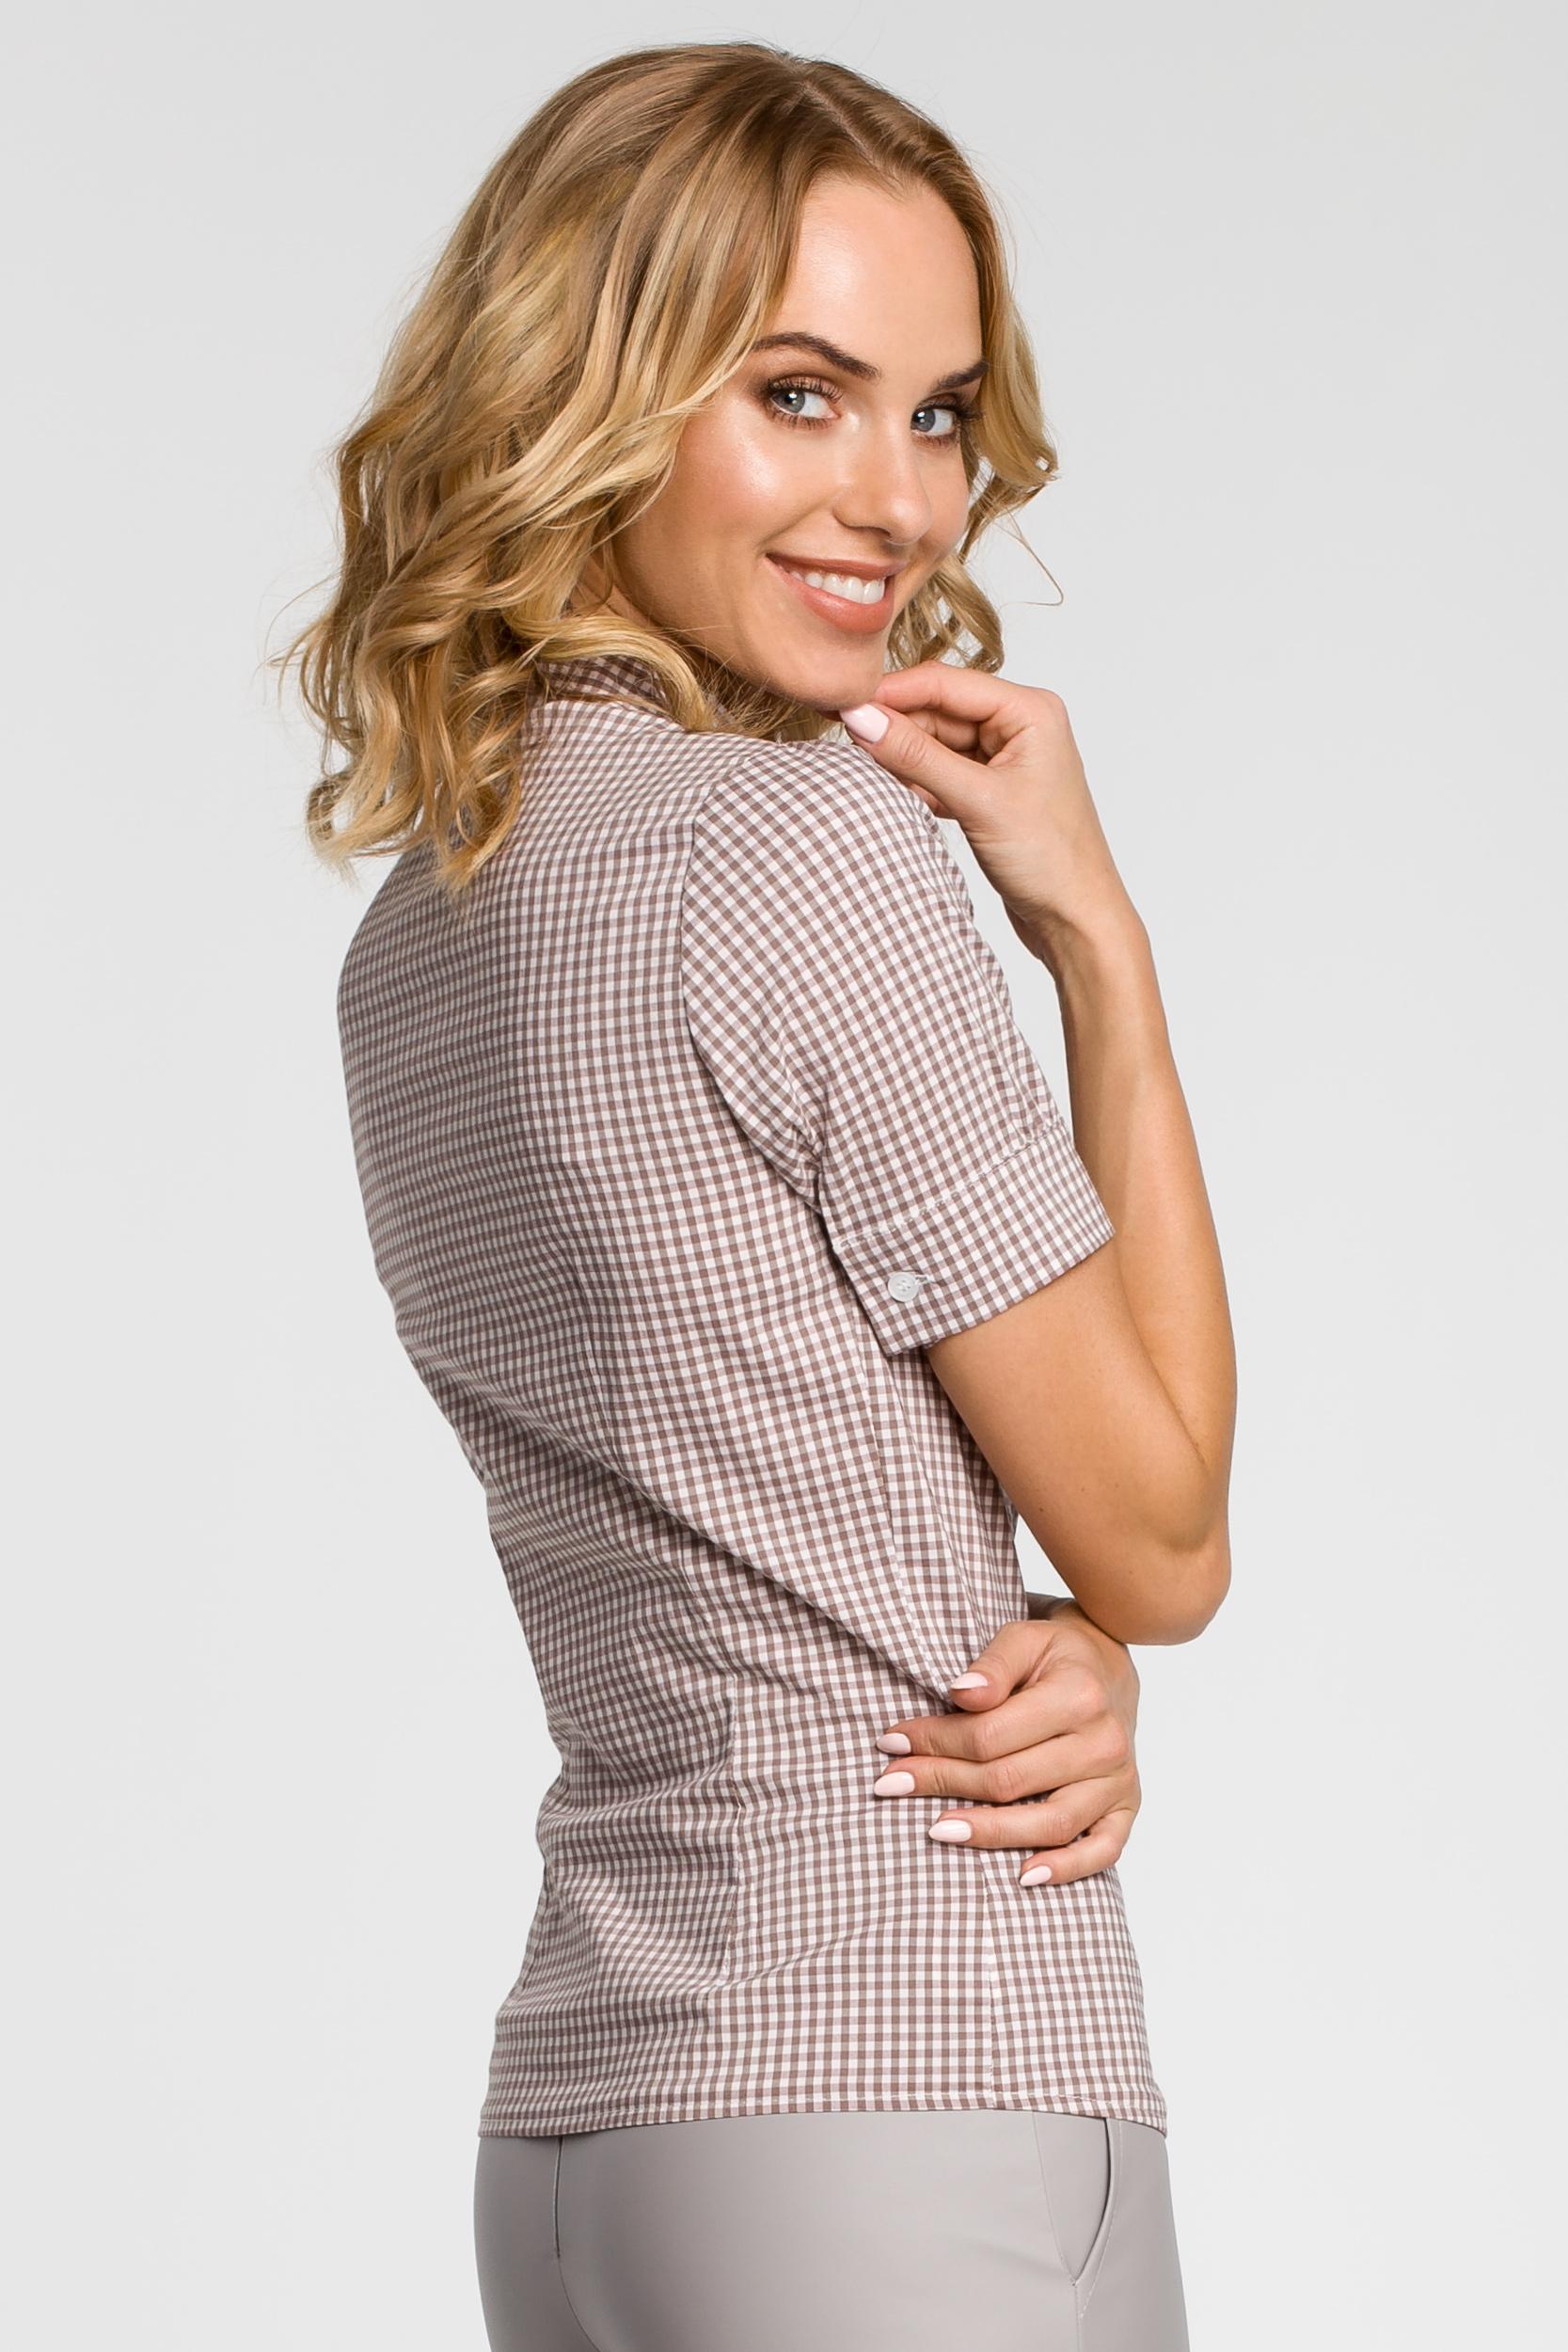 83d6c57ce9e394 ... CM0786 Koszula damska w kratkę z kokardą i krótkim rękawem - brązowa ...